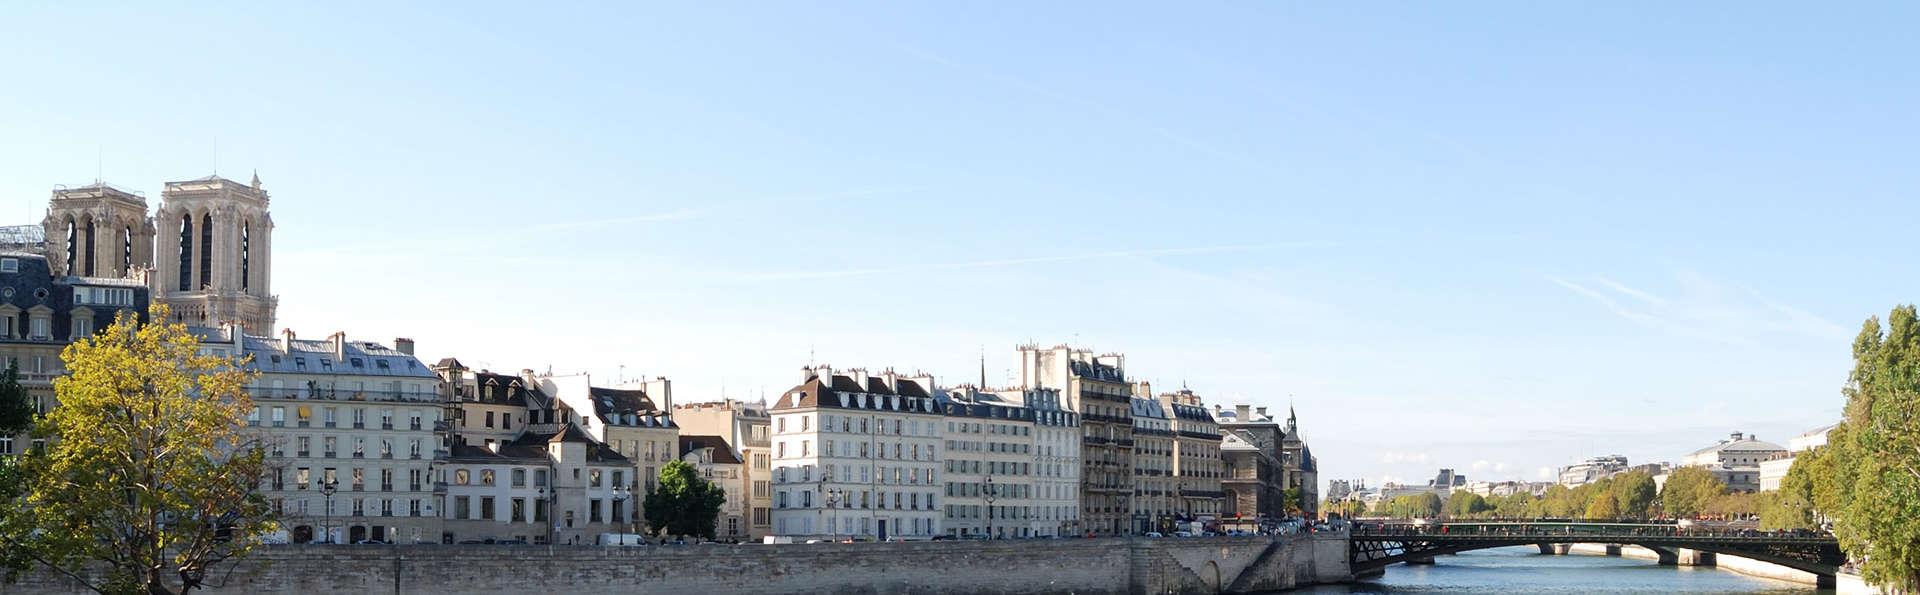 Uitje naar Parijs aan de voet van de Eiffeltoren en cruise op de Seine